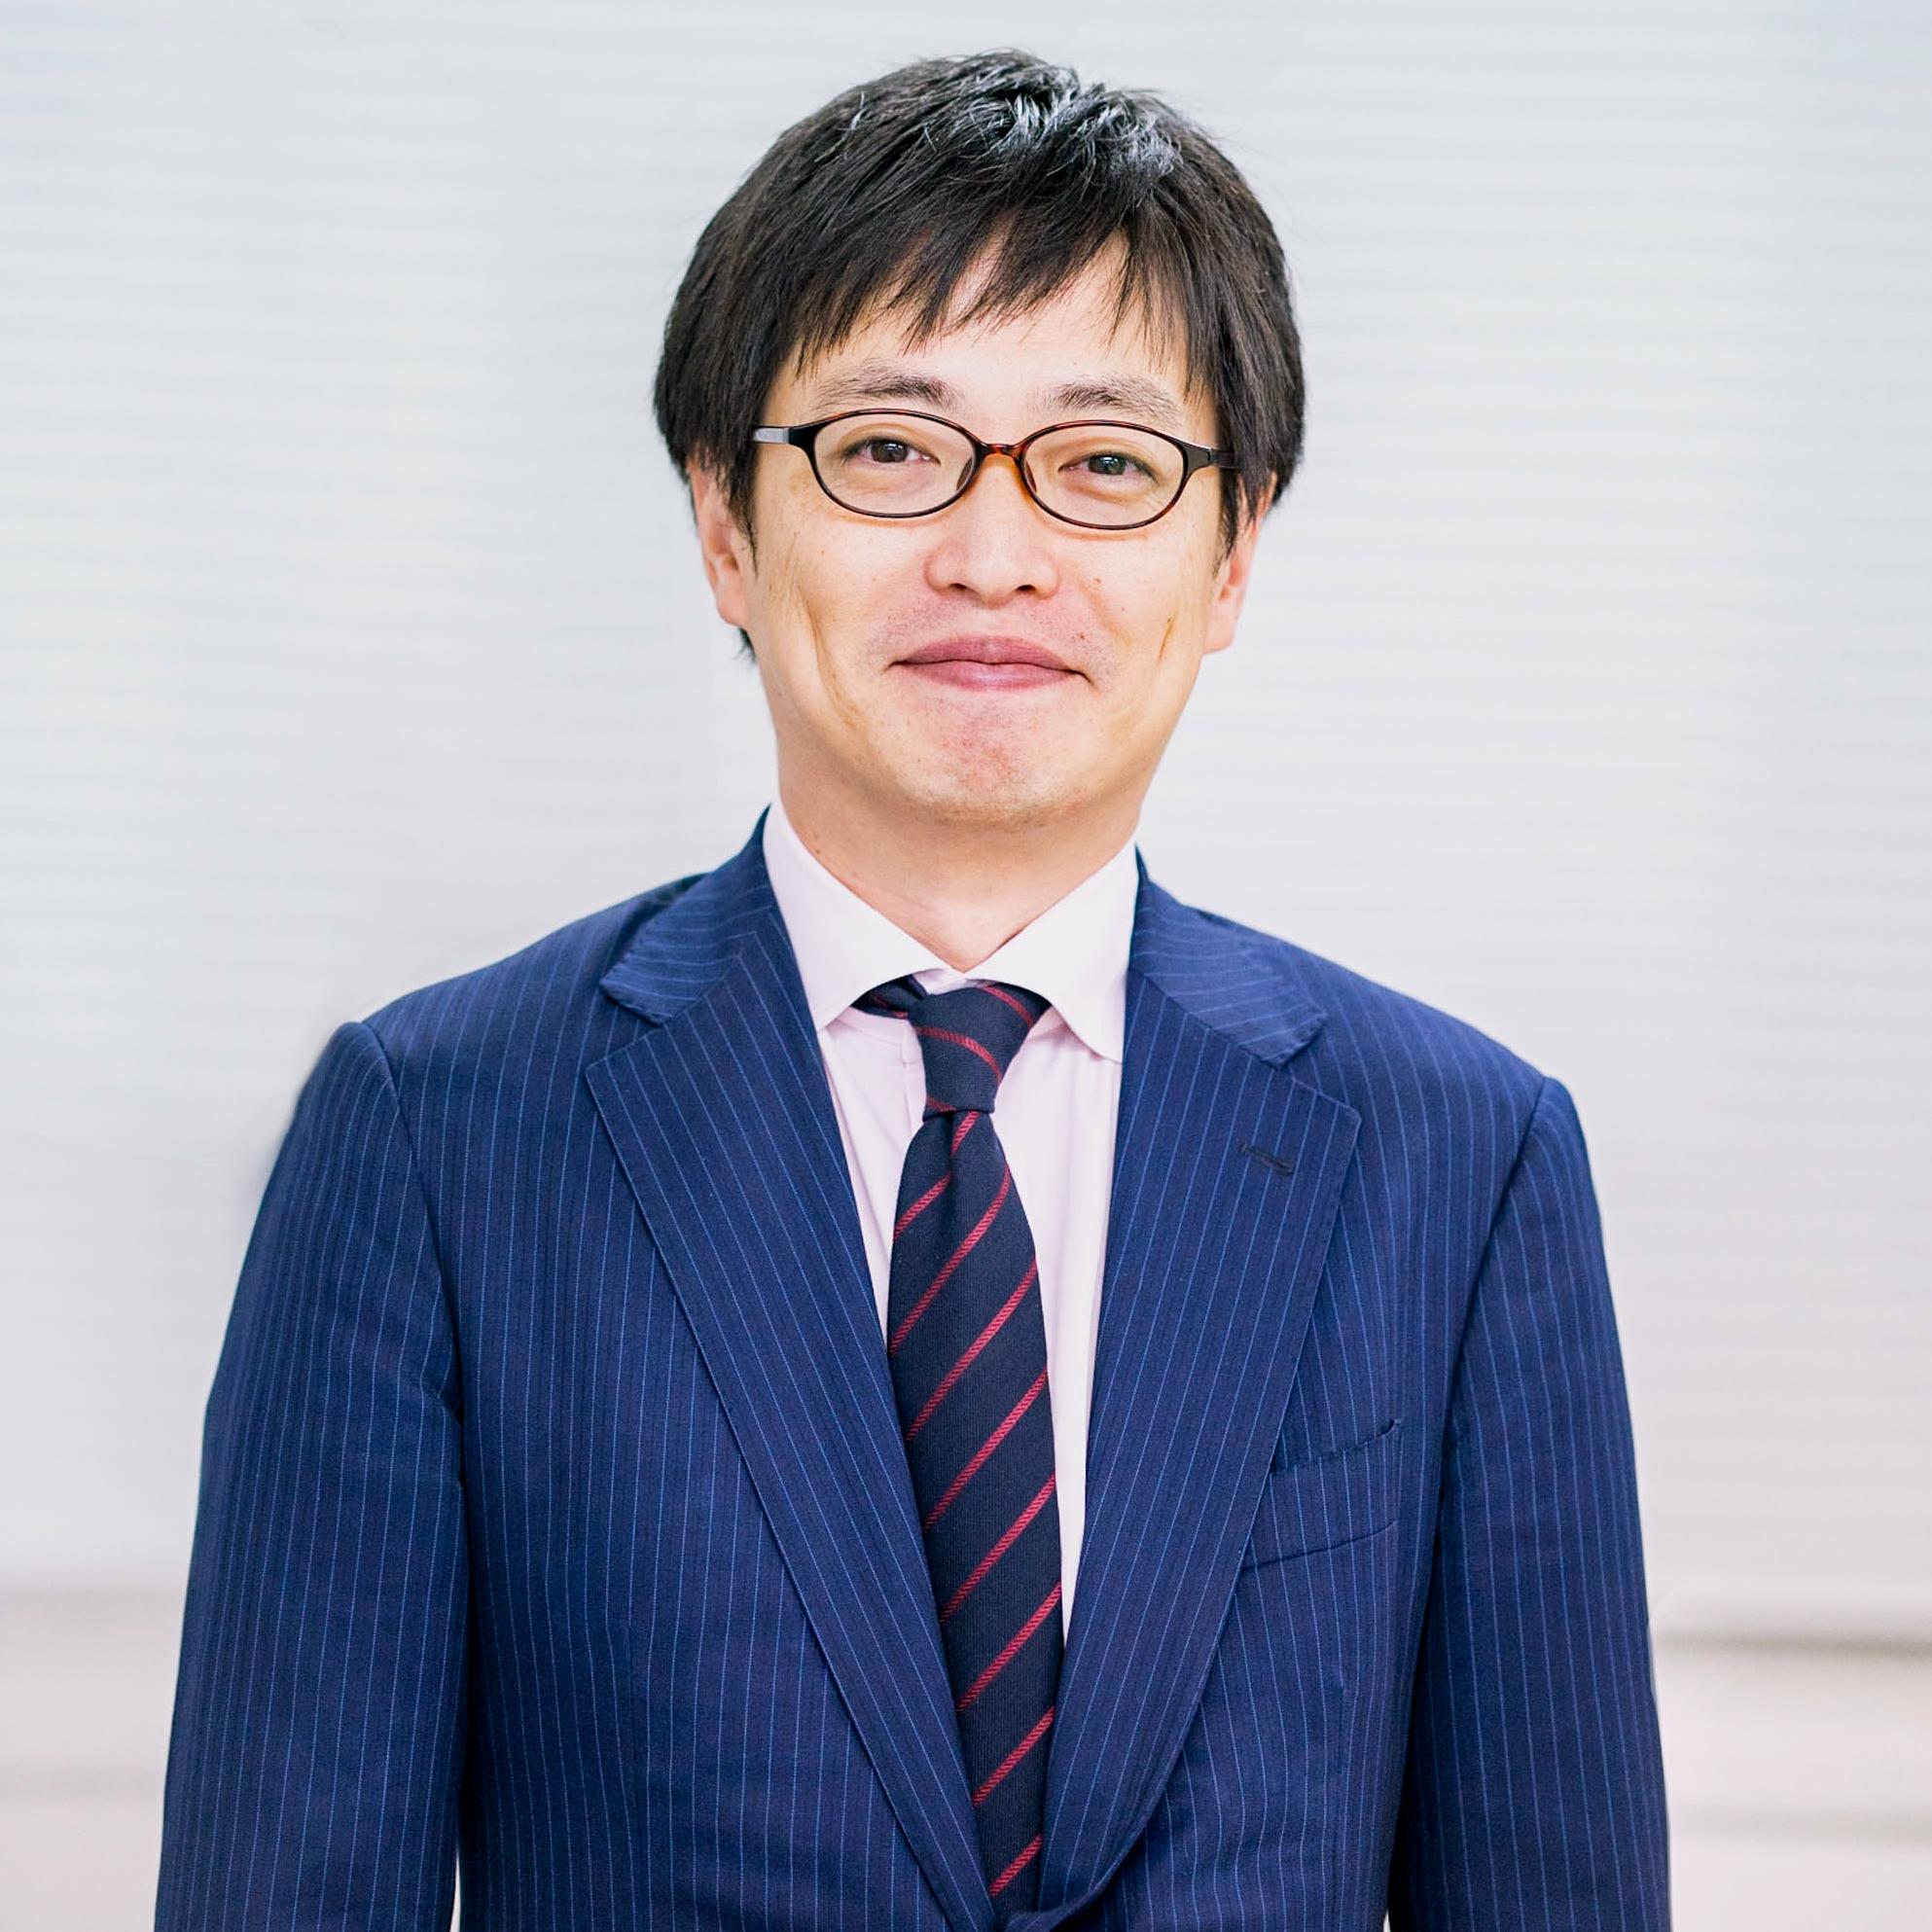 瀧島 勇樹 氏